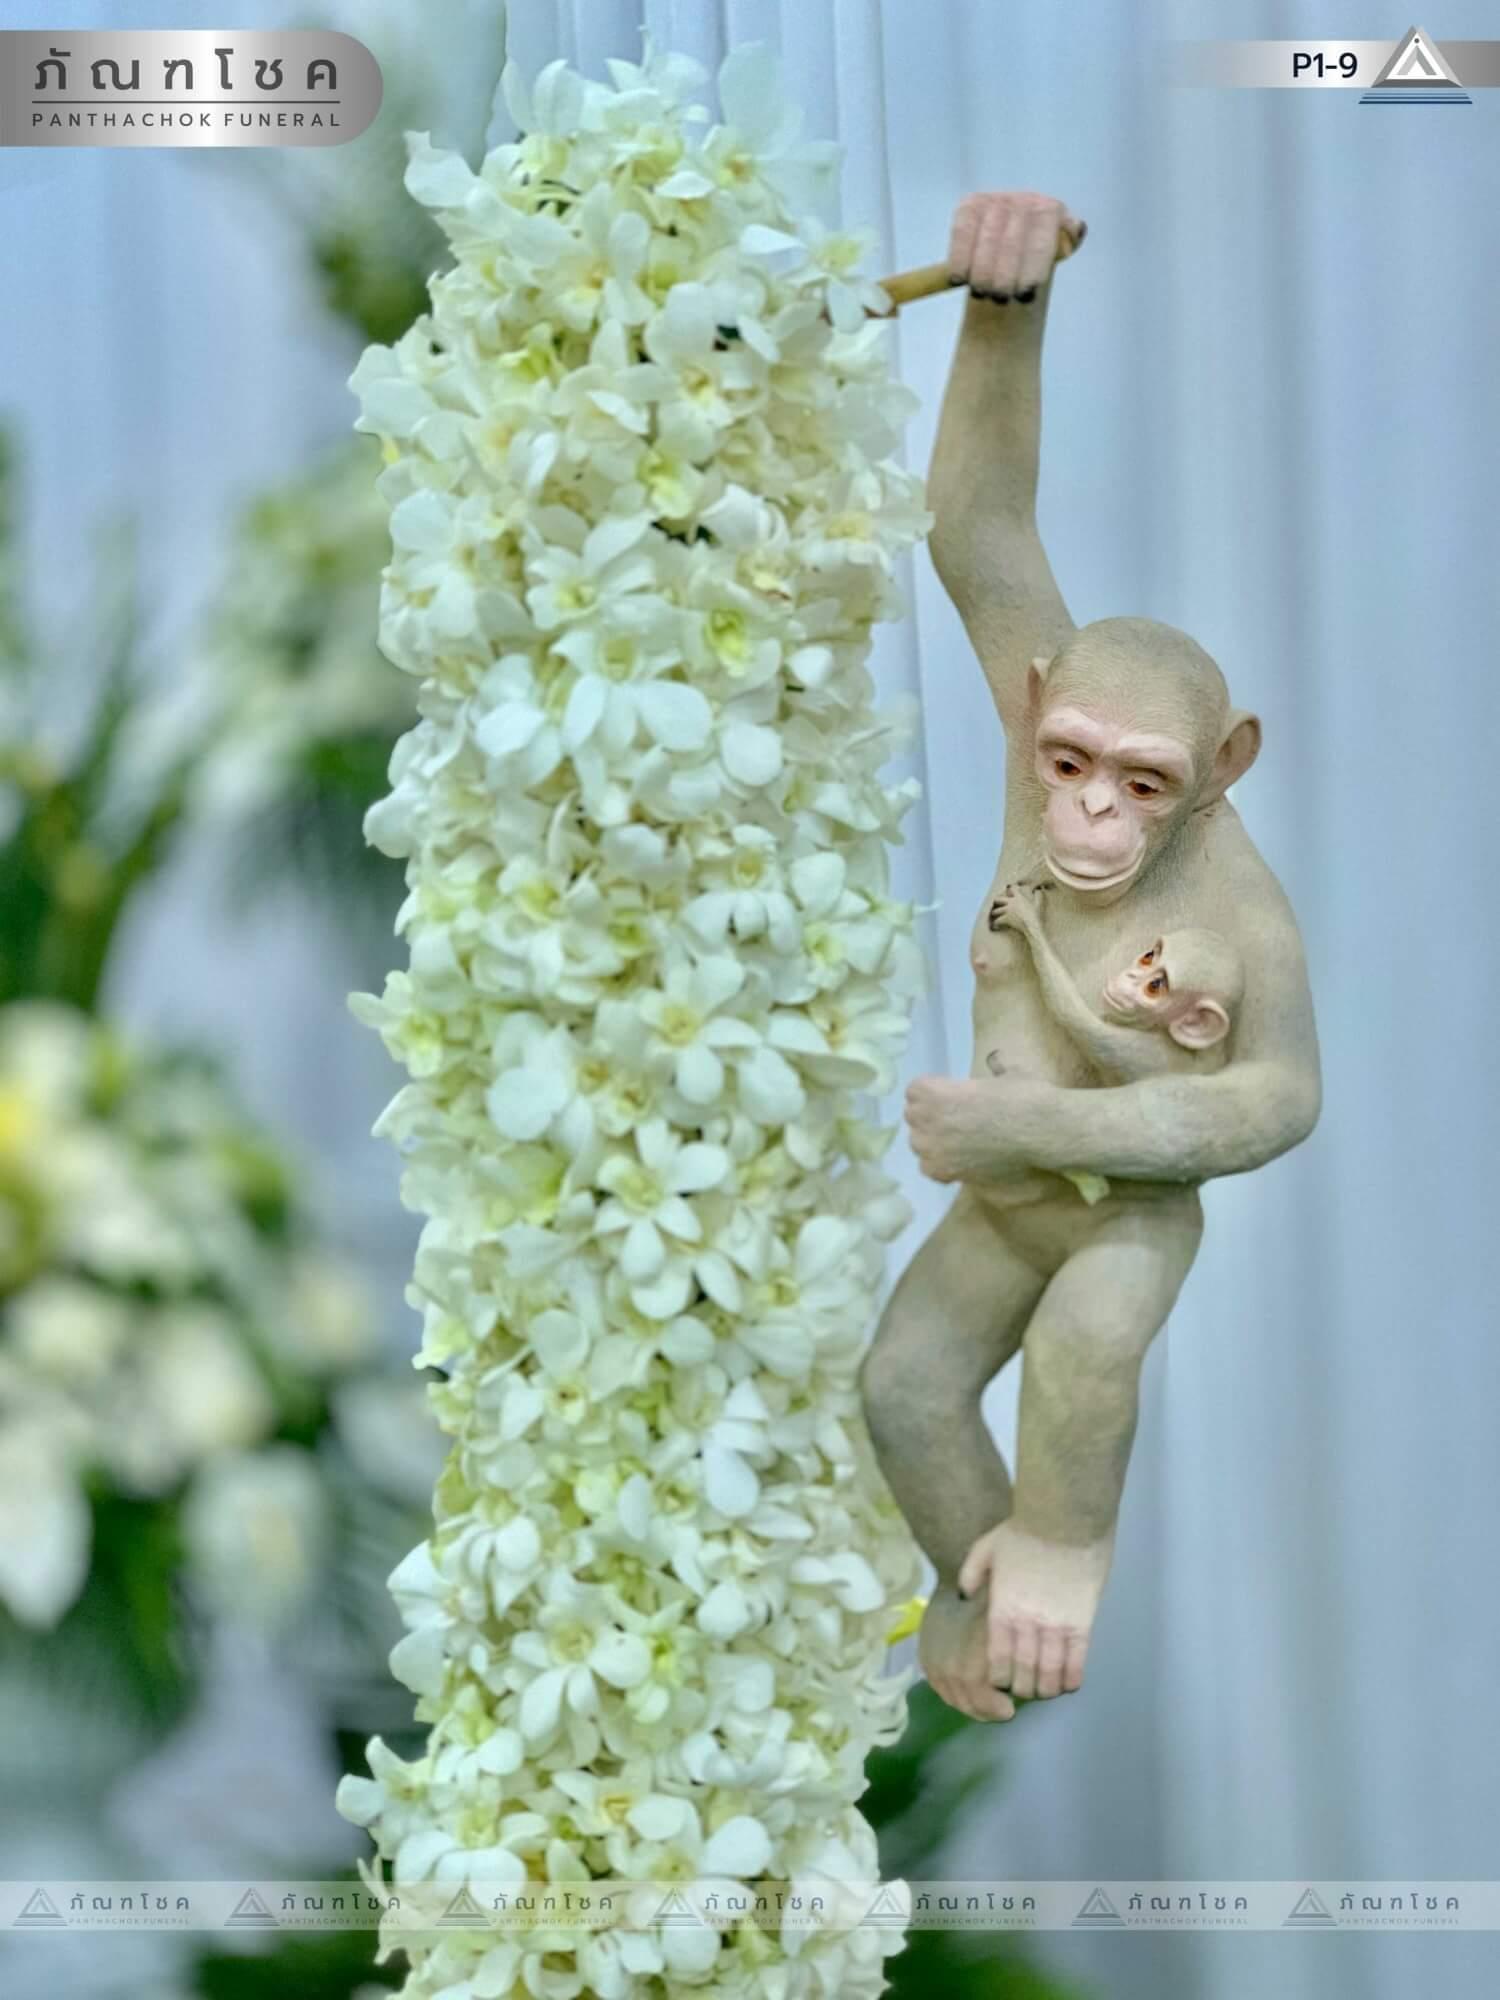 ดอกไม้หน้าศพ-ชุด-p1-9 53